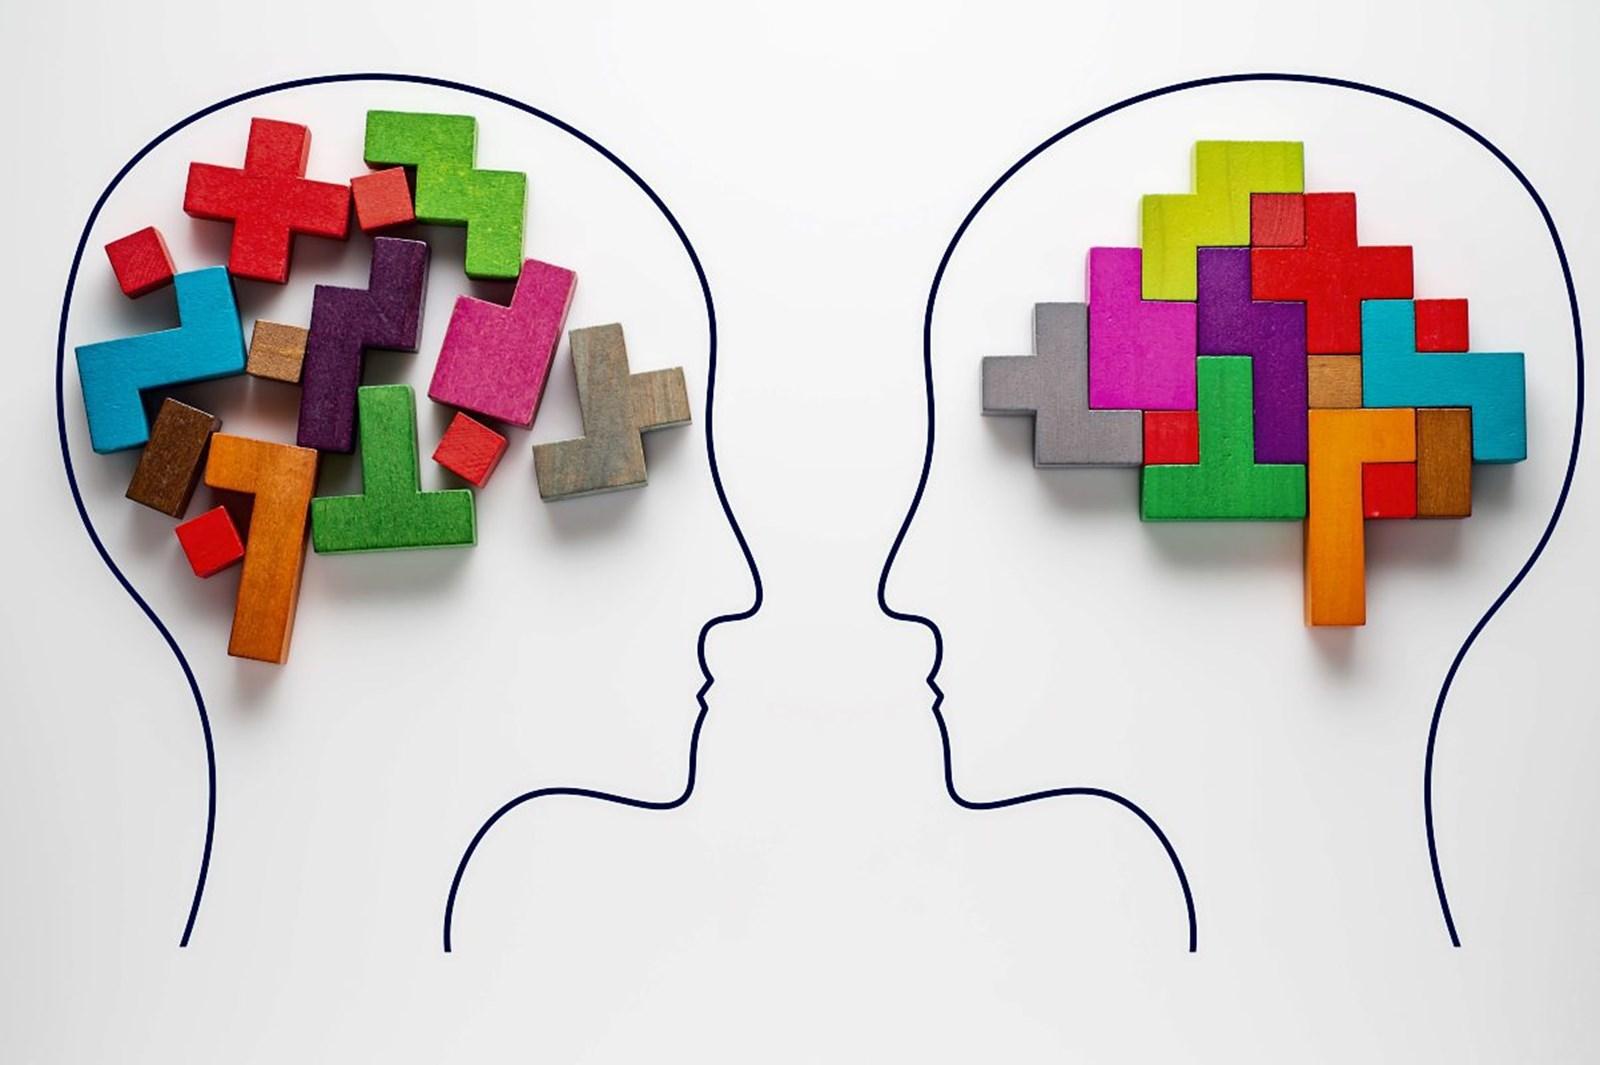 Psychologie: Wie wissenschaftliche Ergebnisse beschönigt werden – derStandard.at